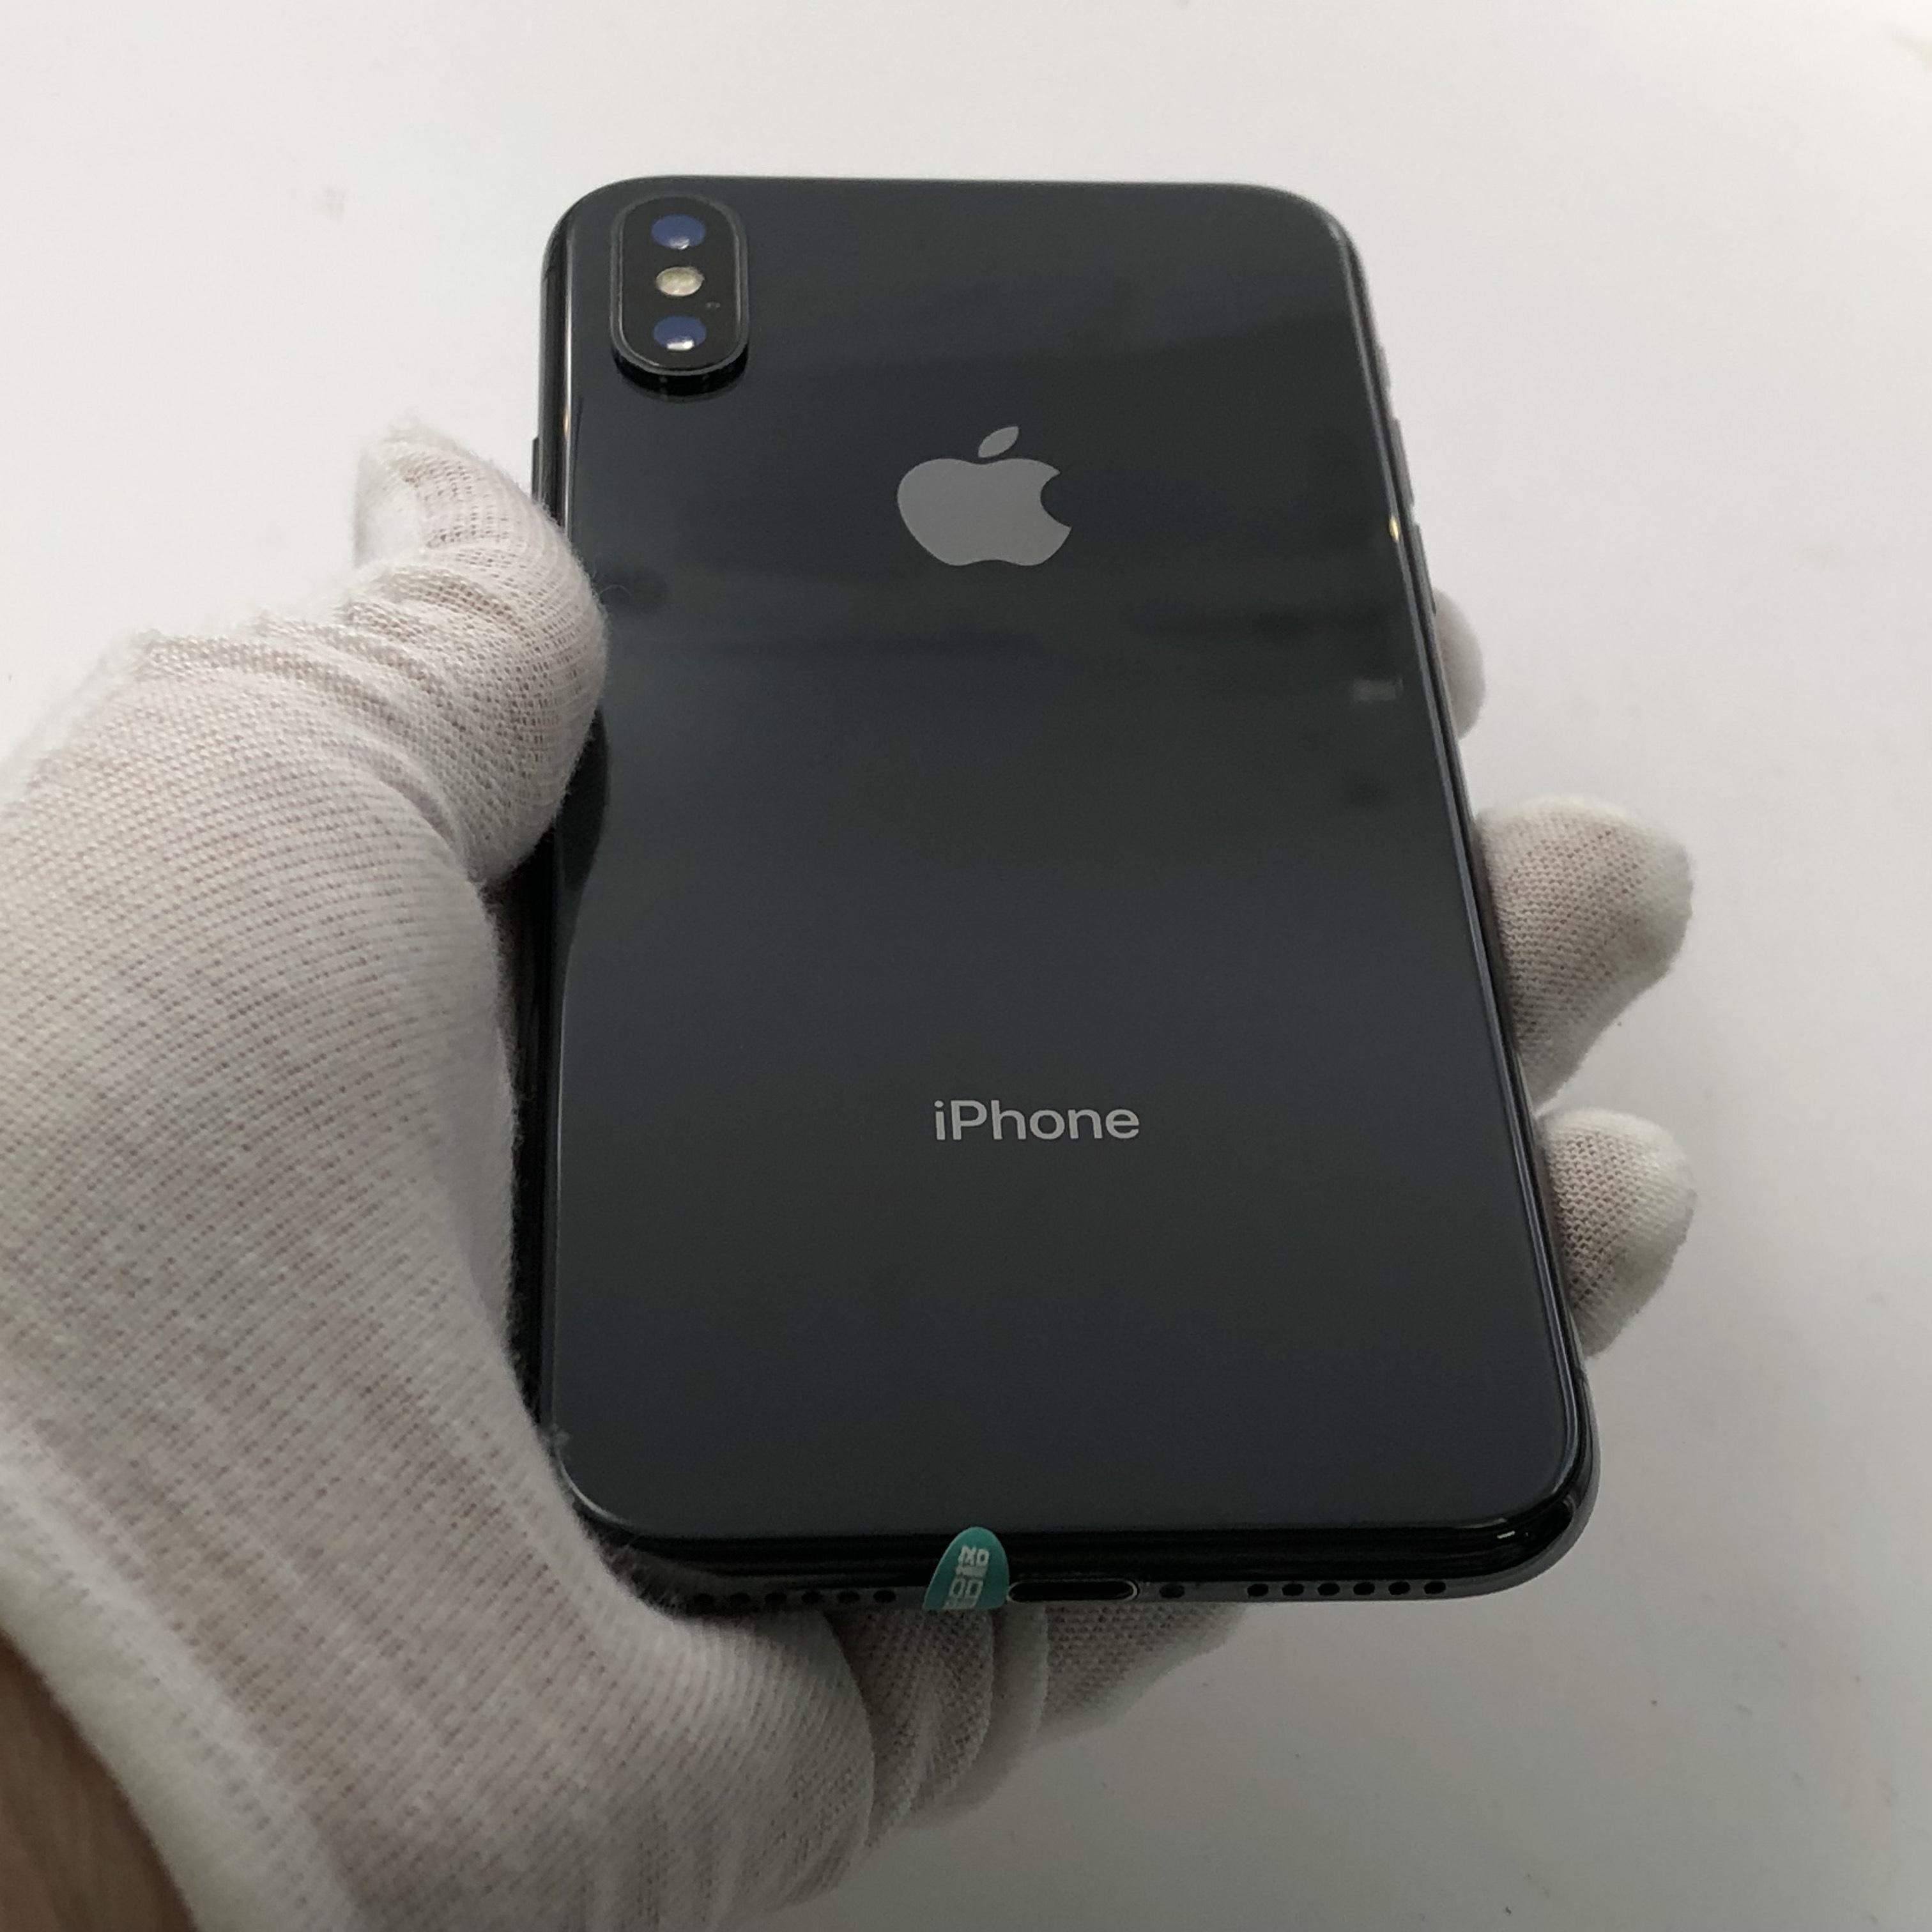 苹果【iPhone X】4G全网通 深空灰 64G 国行 99新